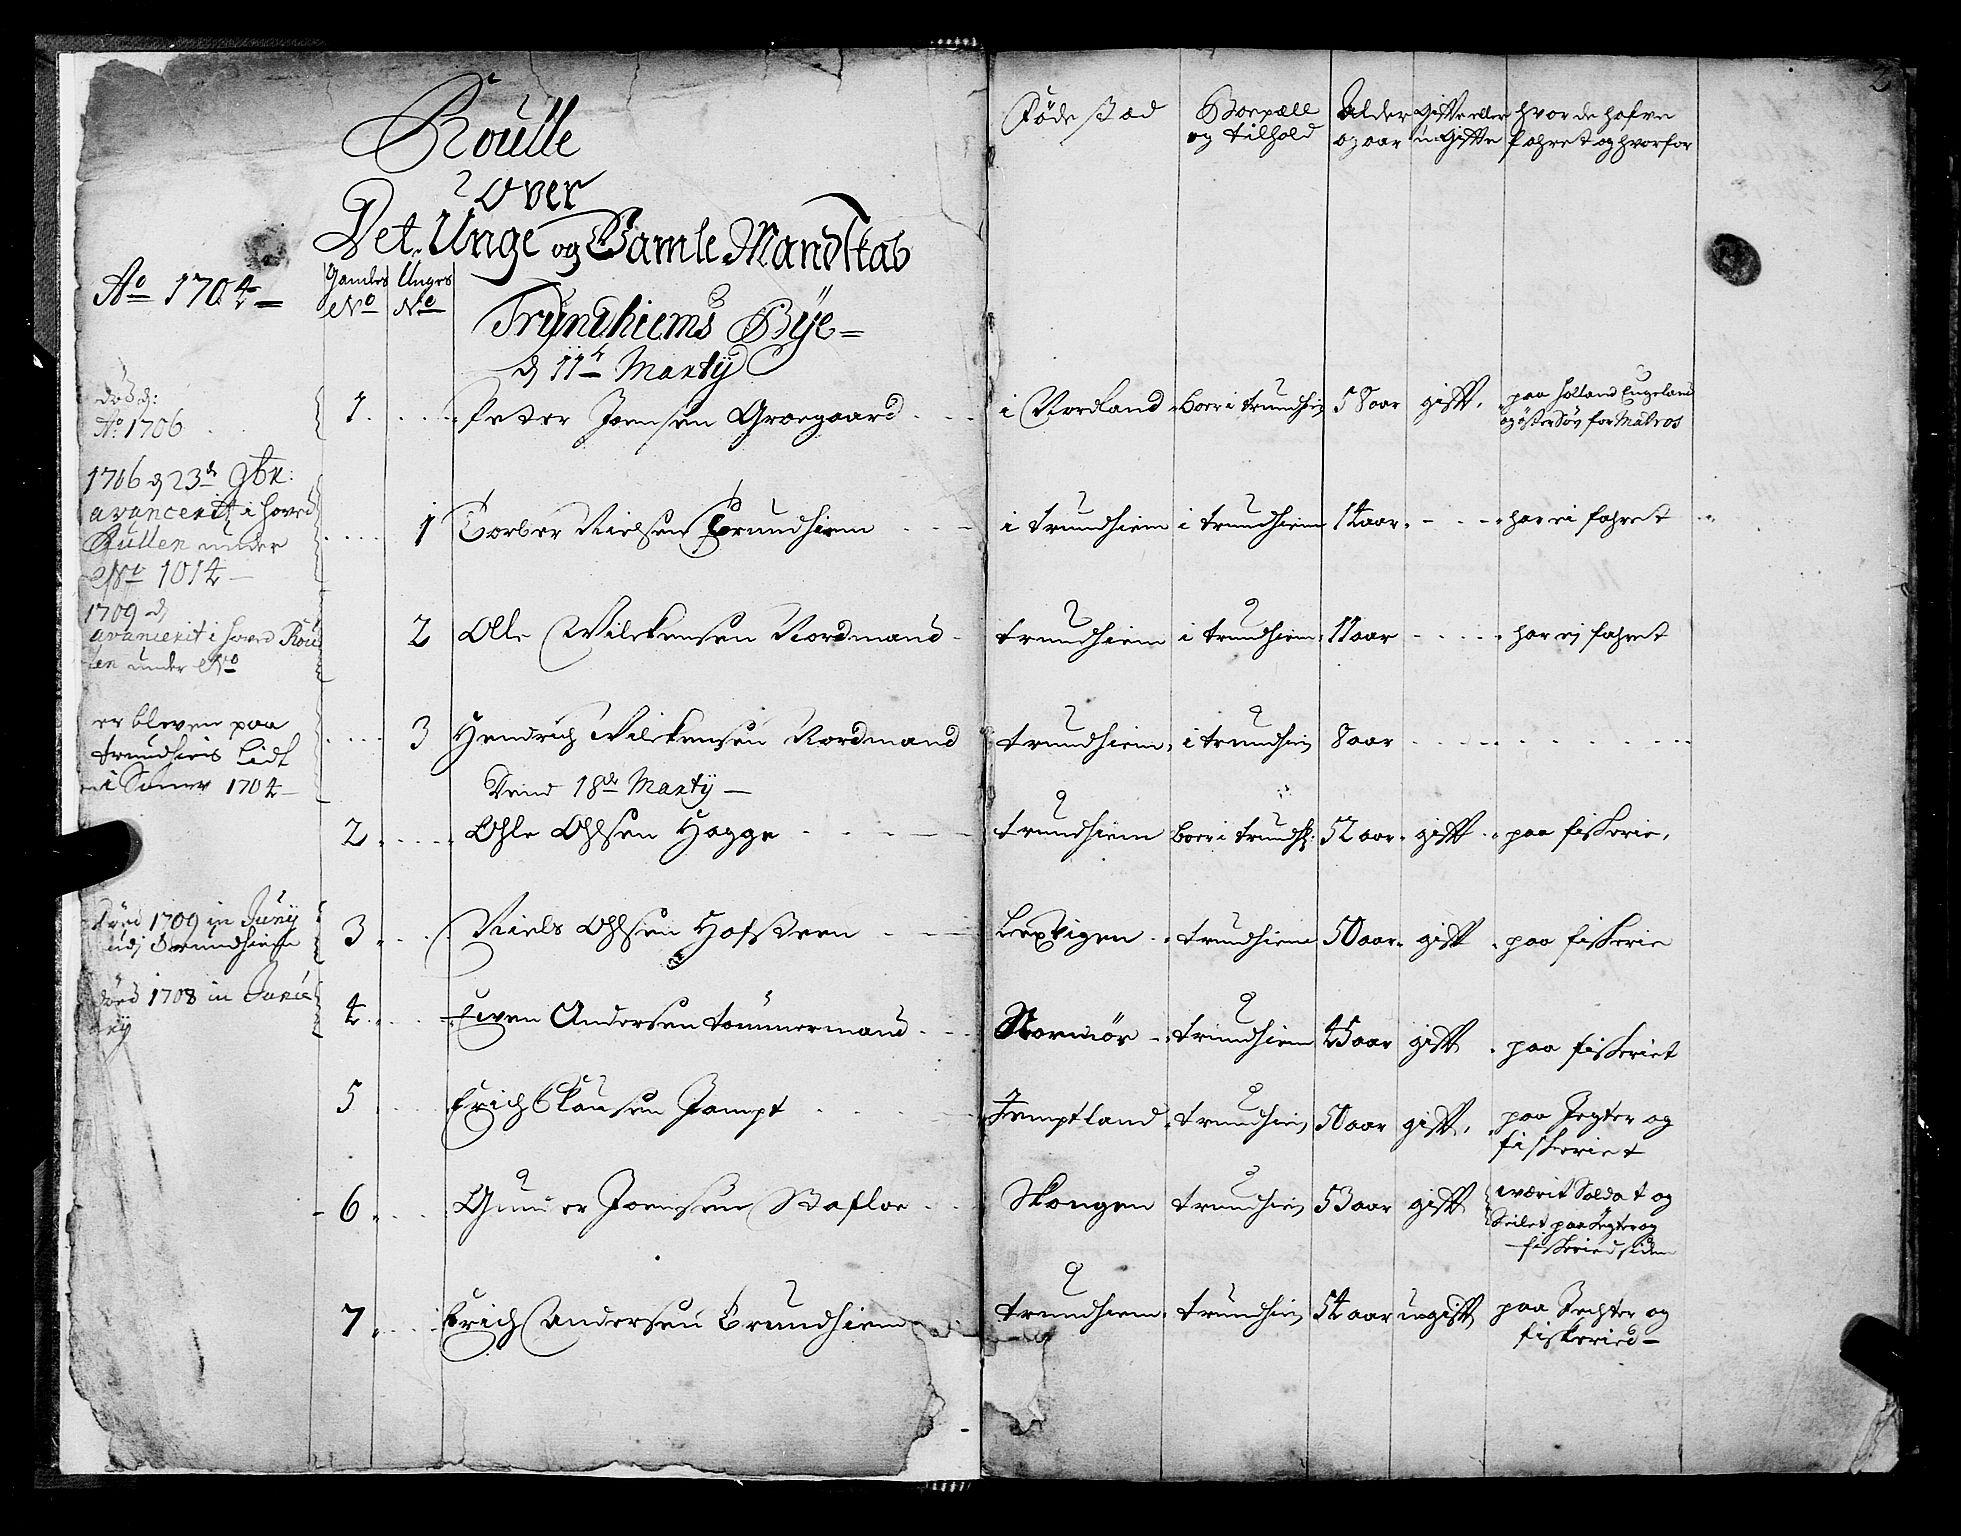 SAT, Sjøinnrulleringen - Trondhjemske distrikt, 01/L0004: Ruller over sjøfolk i Trondhjem by, 1704-1710, s. 2